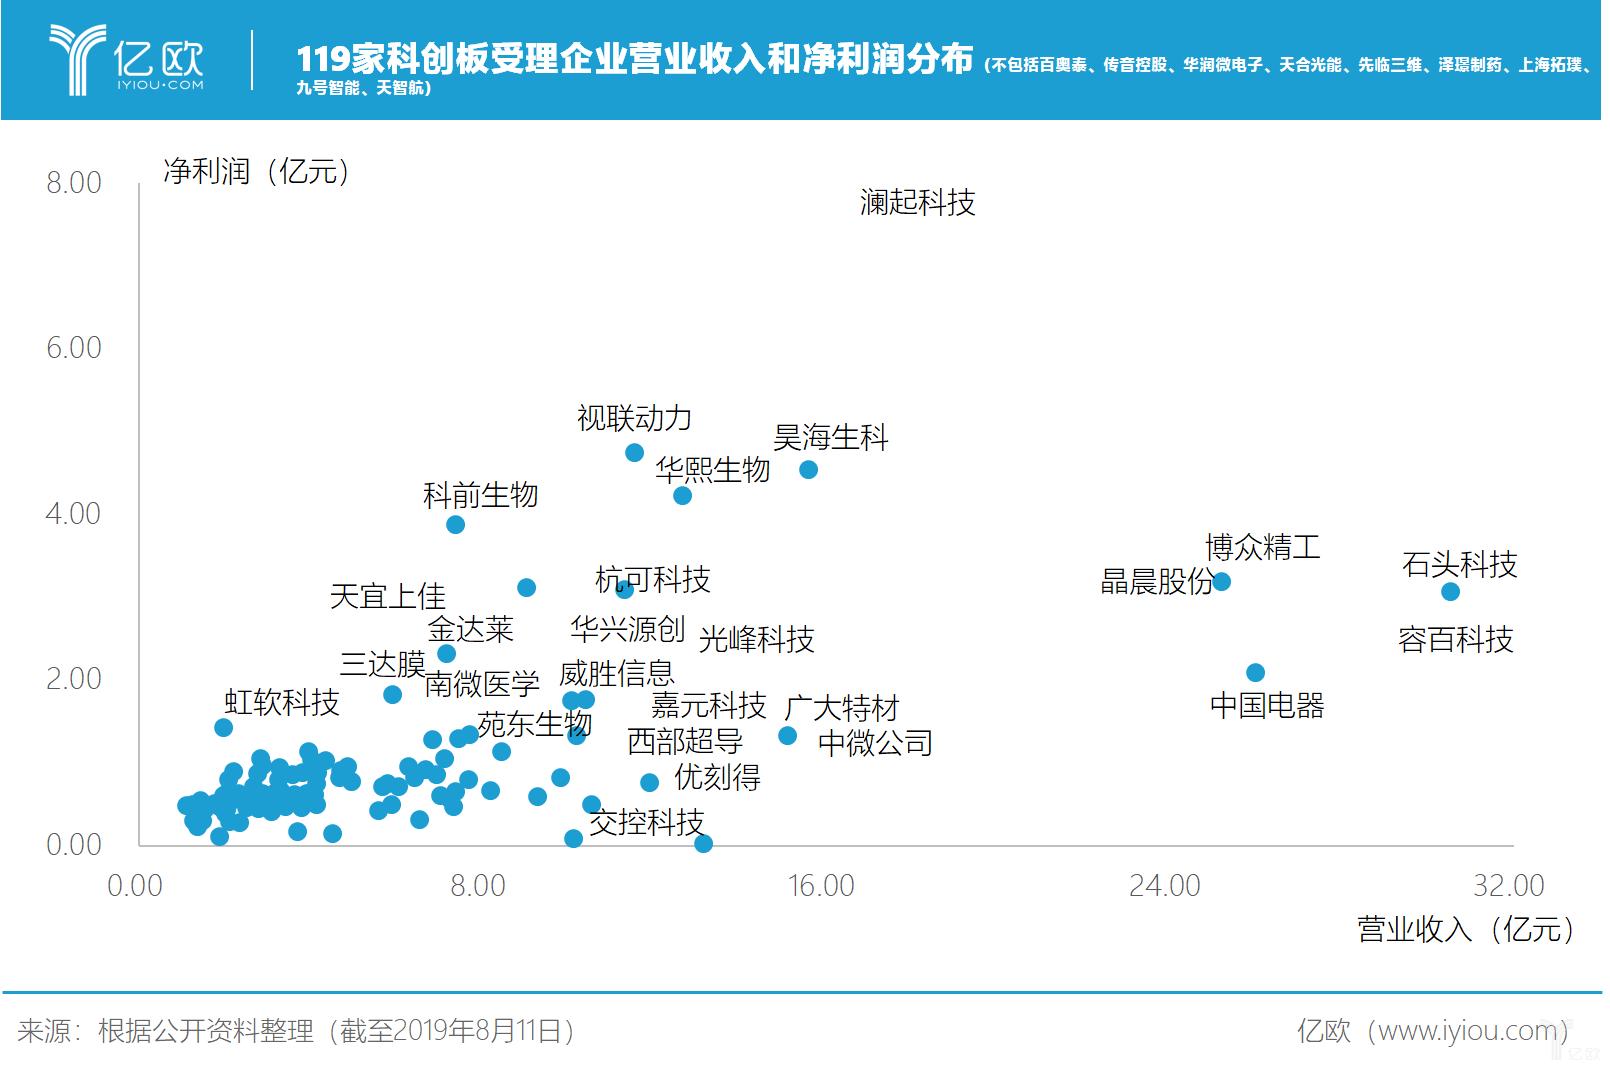 亿欧智库:119家科创板受理企业营业收入和净利润分布